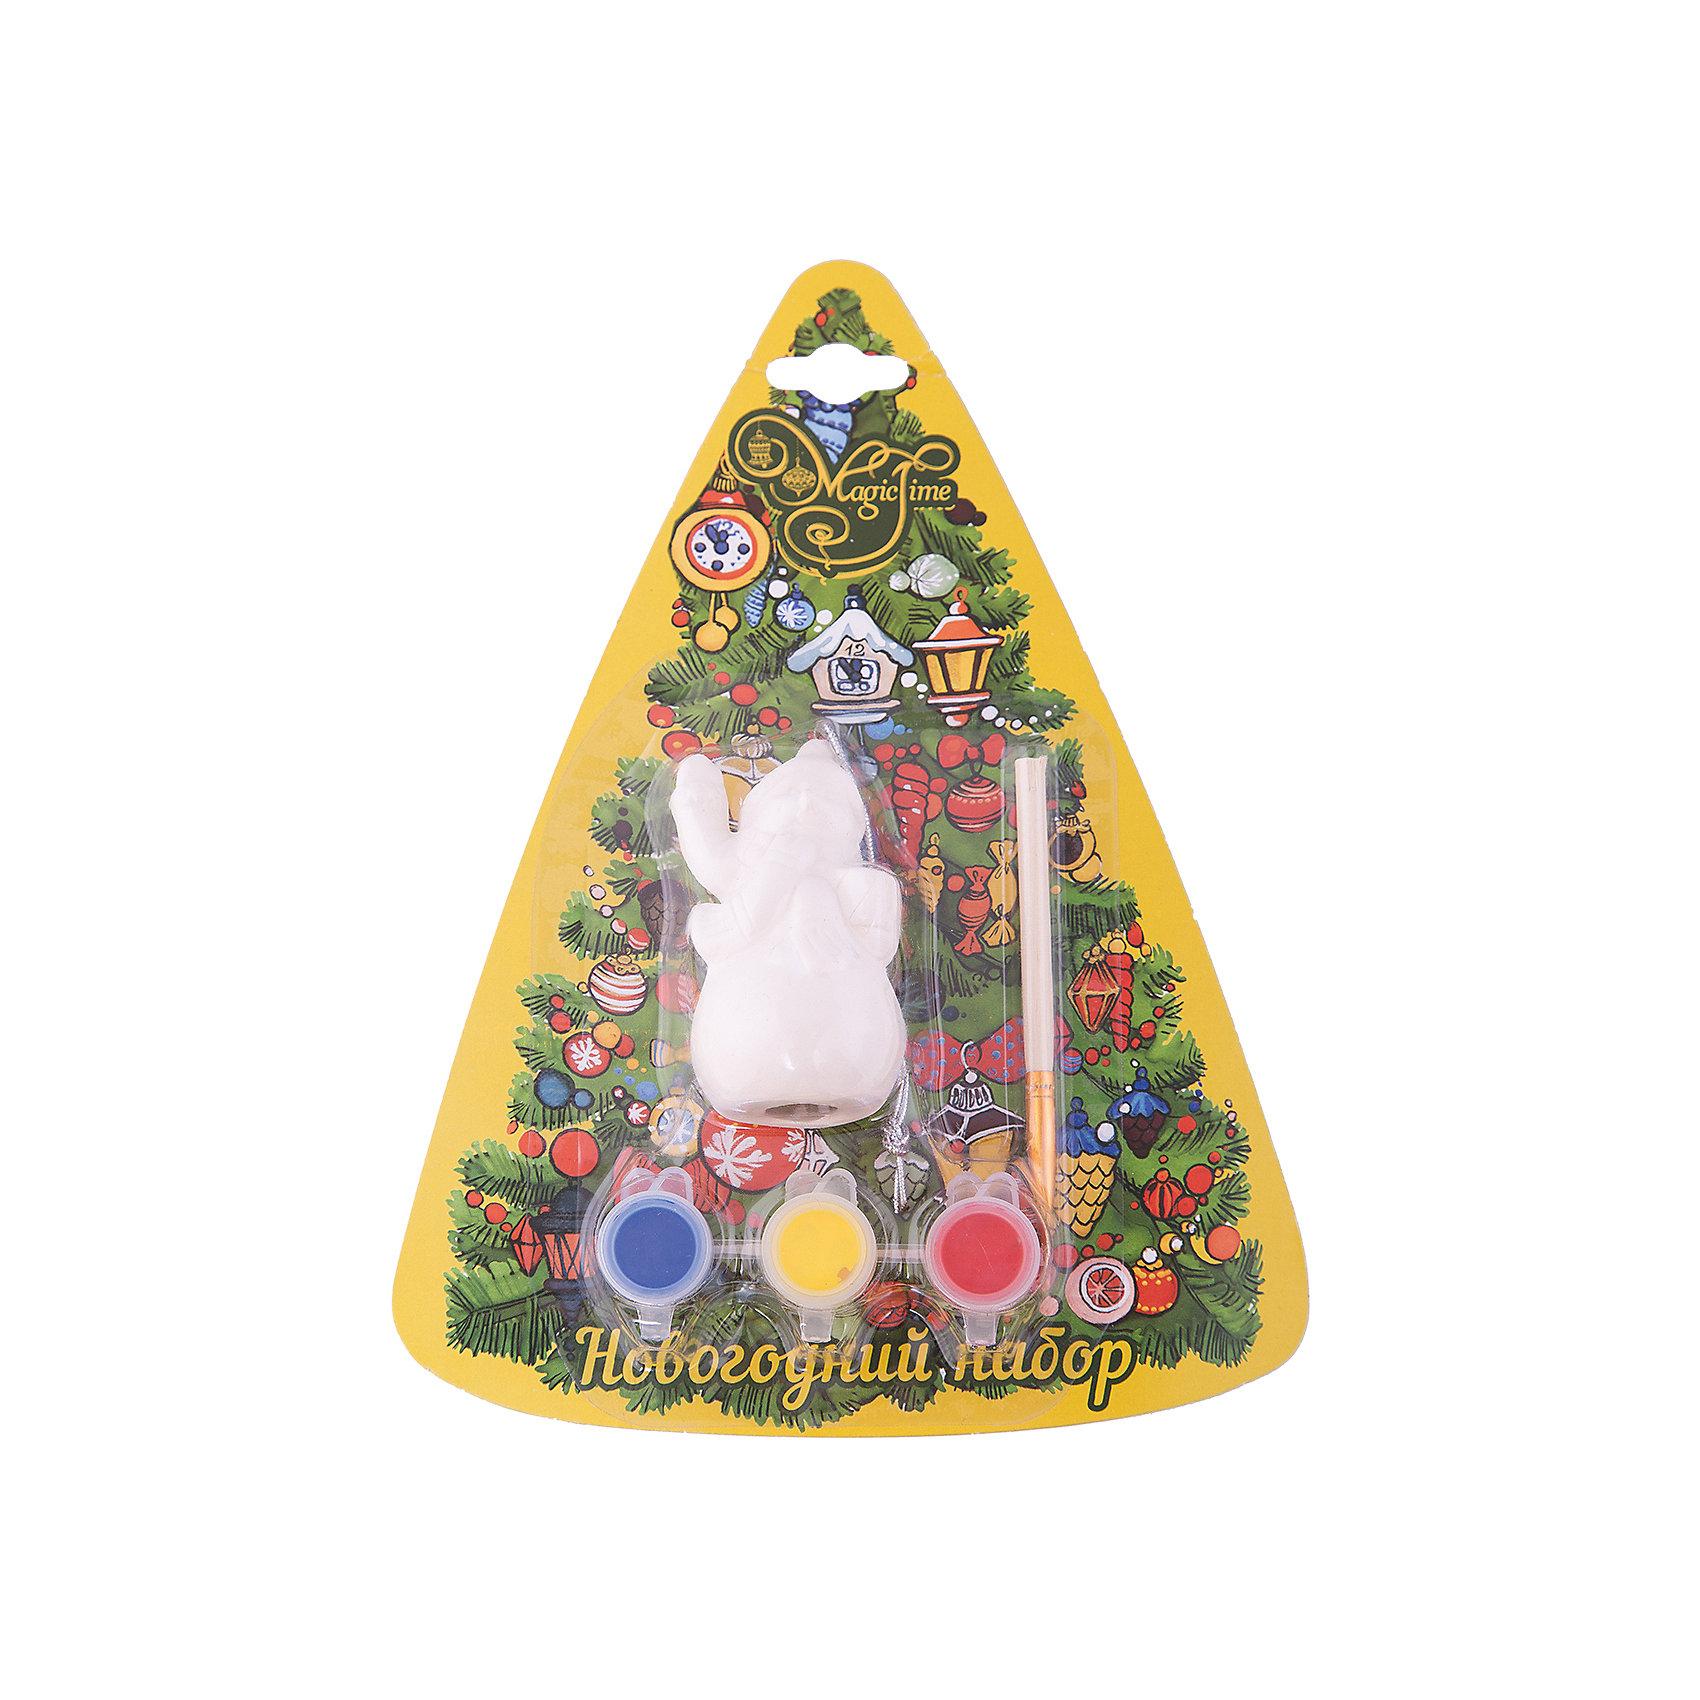 Набор для творчества СнеговикНовогоднее творчество<br>Набор для творчества Снеговик включает в себя все для создания оригинальной новогодней поделки. Яркие краски хорошо ложатся на поверхность фигурки и быстро сохнут. Фигурка, раскрашенная своими руками станет прекрасным украшением новогодней елки. Отличный вариант для новогоднего подарка! <br><br>Дополнительная информация:<br><br>- Материал: доломитовая керамика, акварельные краски, пластик. <br>- Размер: 4х3,2х7,5 см. <br>- Комплектация: фигурка, кисть, краски (3 цвета). <br><br>Набор для творчества Снеговик можно купить в нашем магазине.<br><br>Ширина мм: 40<br>Глубина мм: 32<br>Высота мм: 75<br>Вес г: 450<br>Возраст от месяцев: 36<br>Возраст до месяцев: 2147483647<br>Пол: Унисекс<br>Возраст: Детский<br>SKU: 4981332